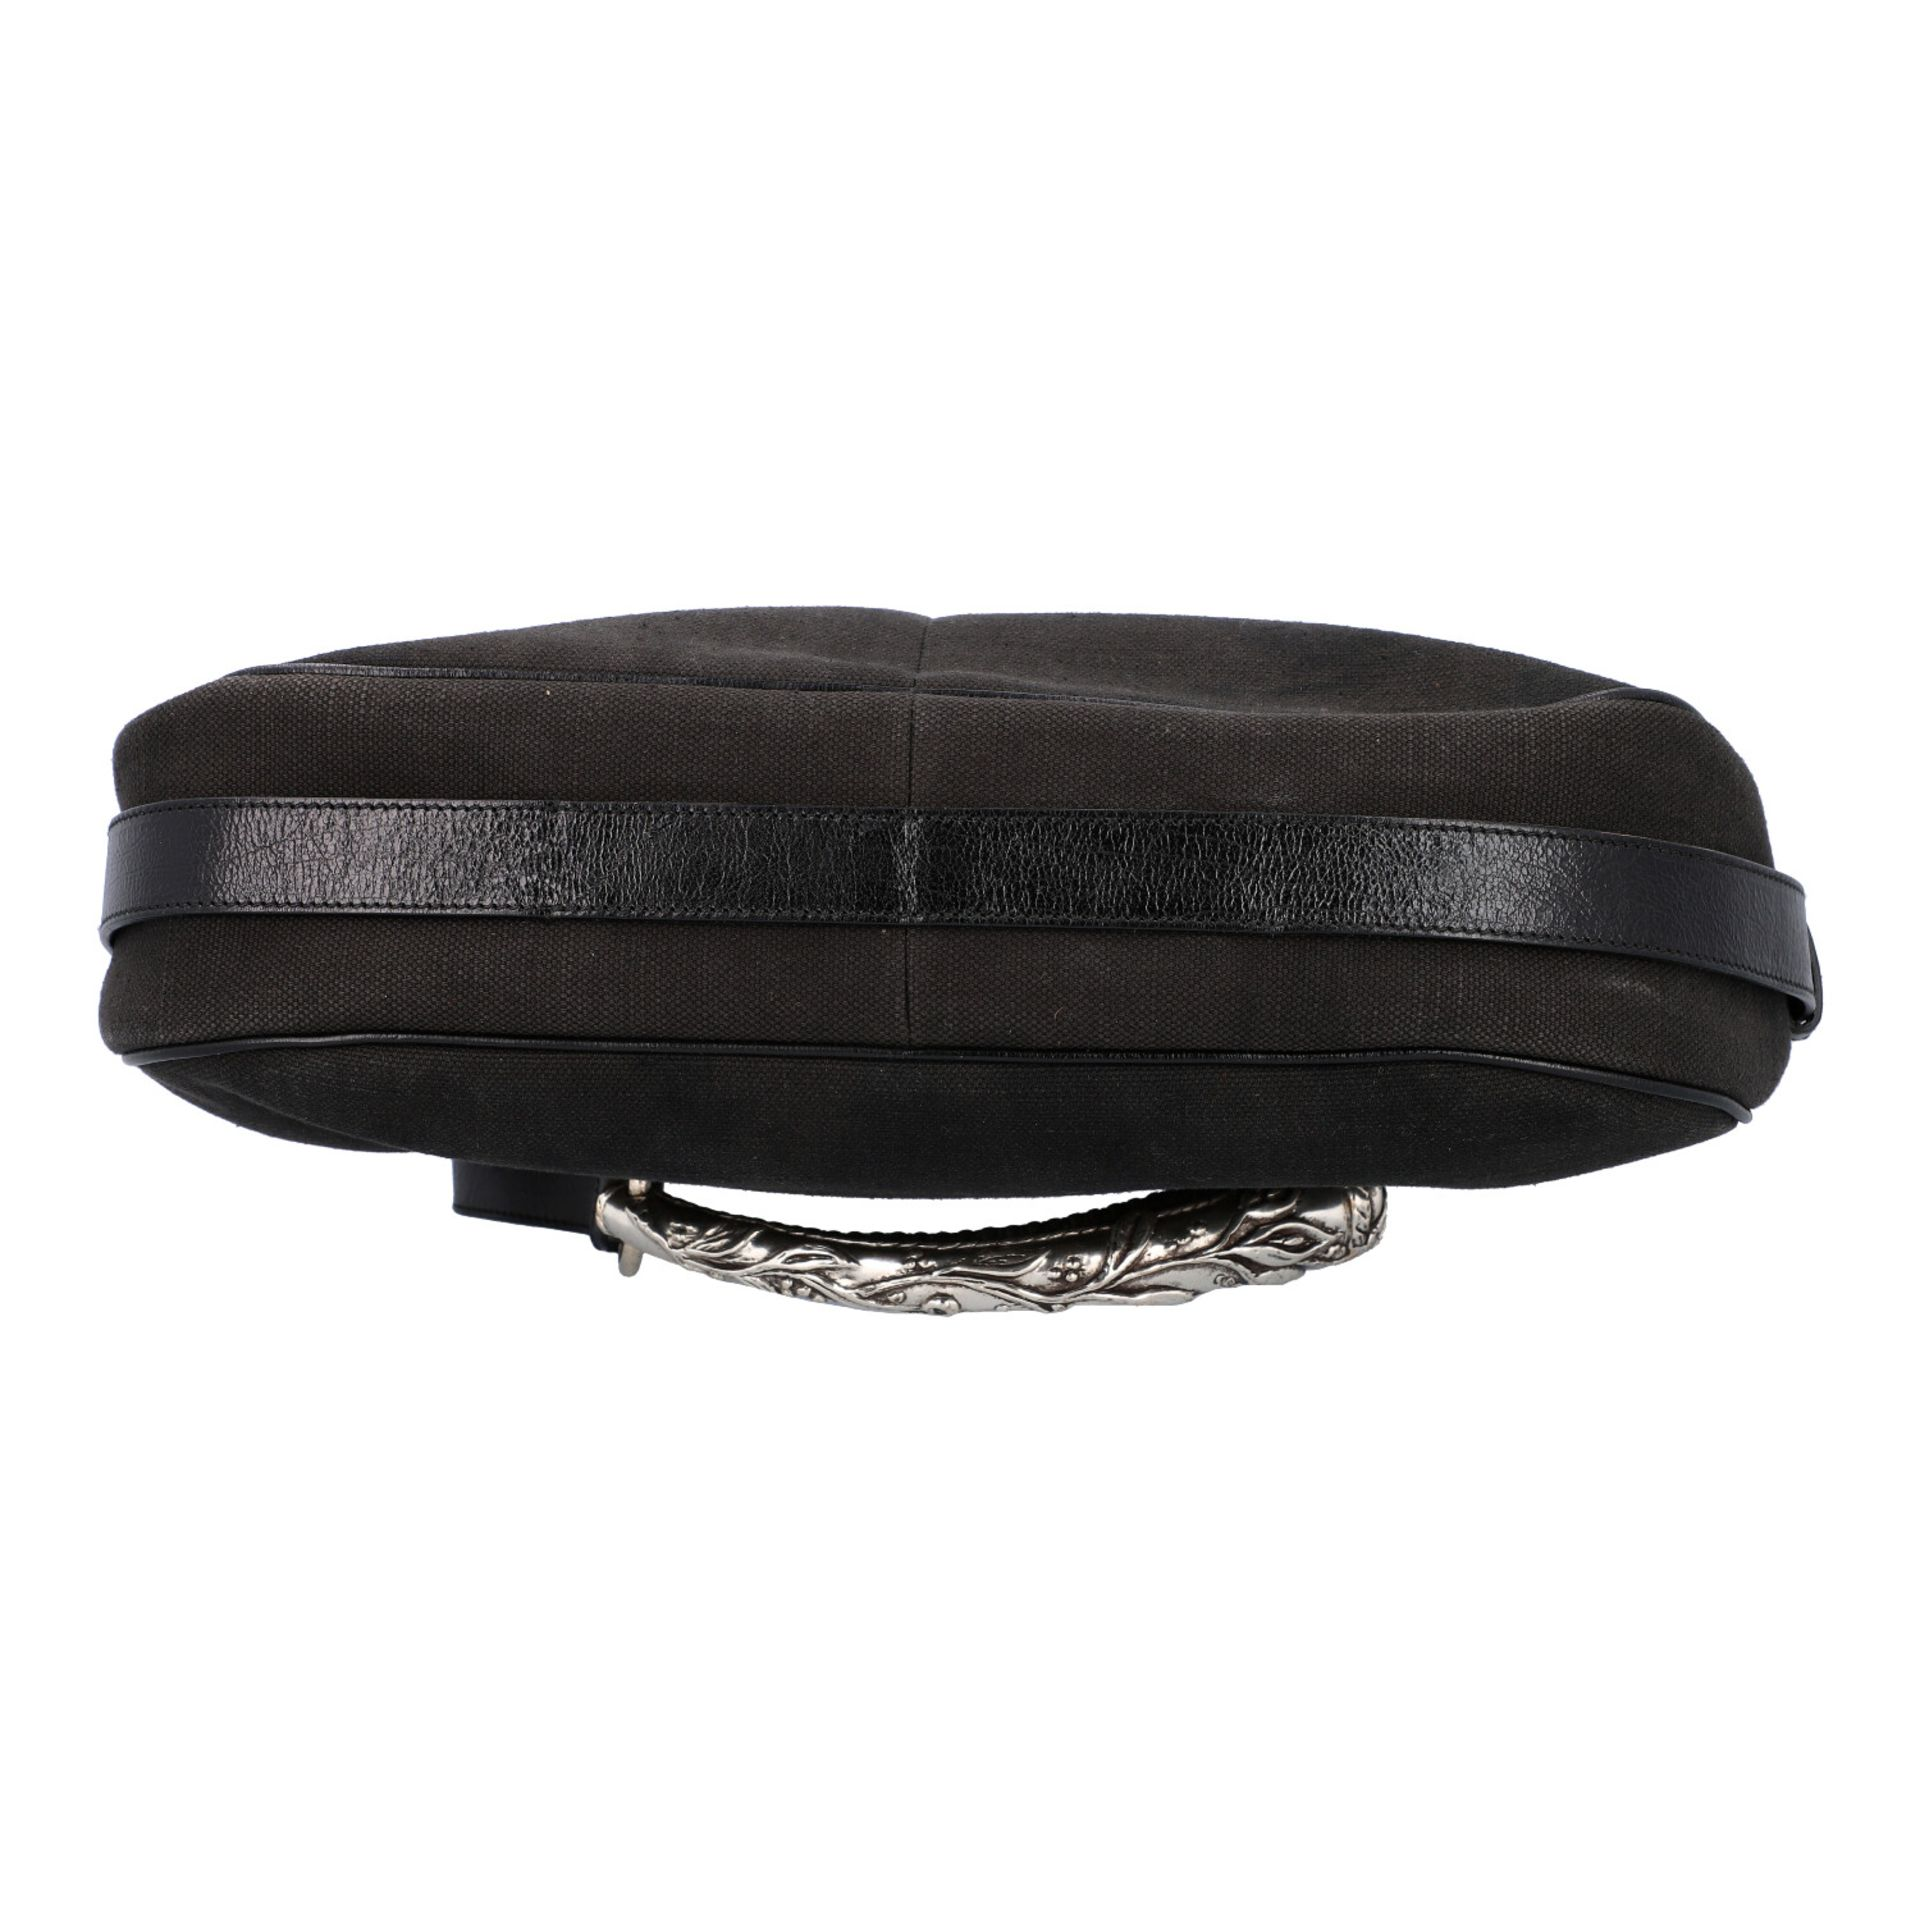 YVES SAINT LAURENT VINTAGE Handtasche. Schwarzes Modell aus Textil mit schwarzem Über - Image 5 of 8